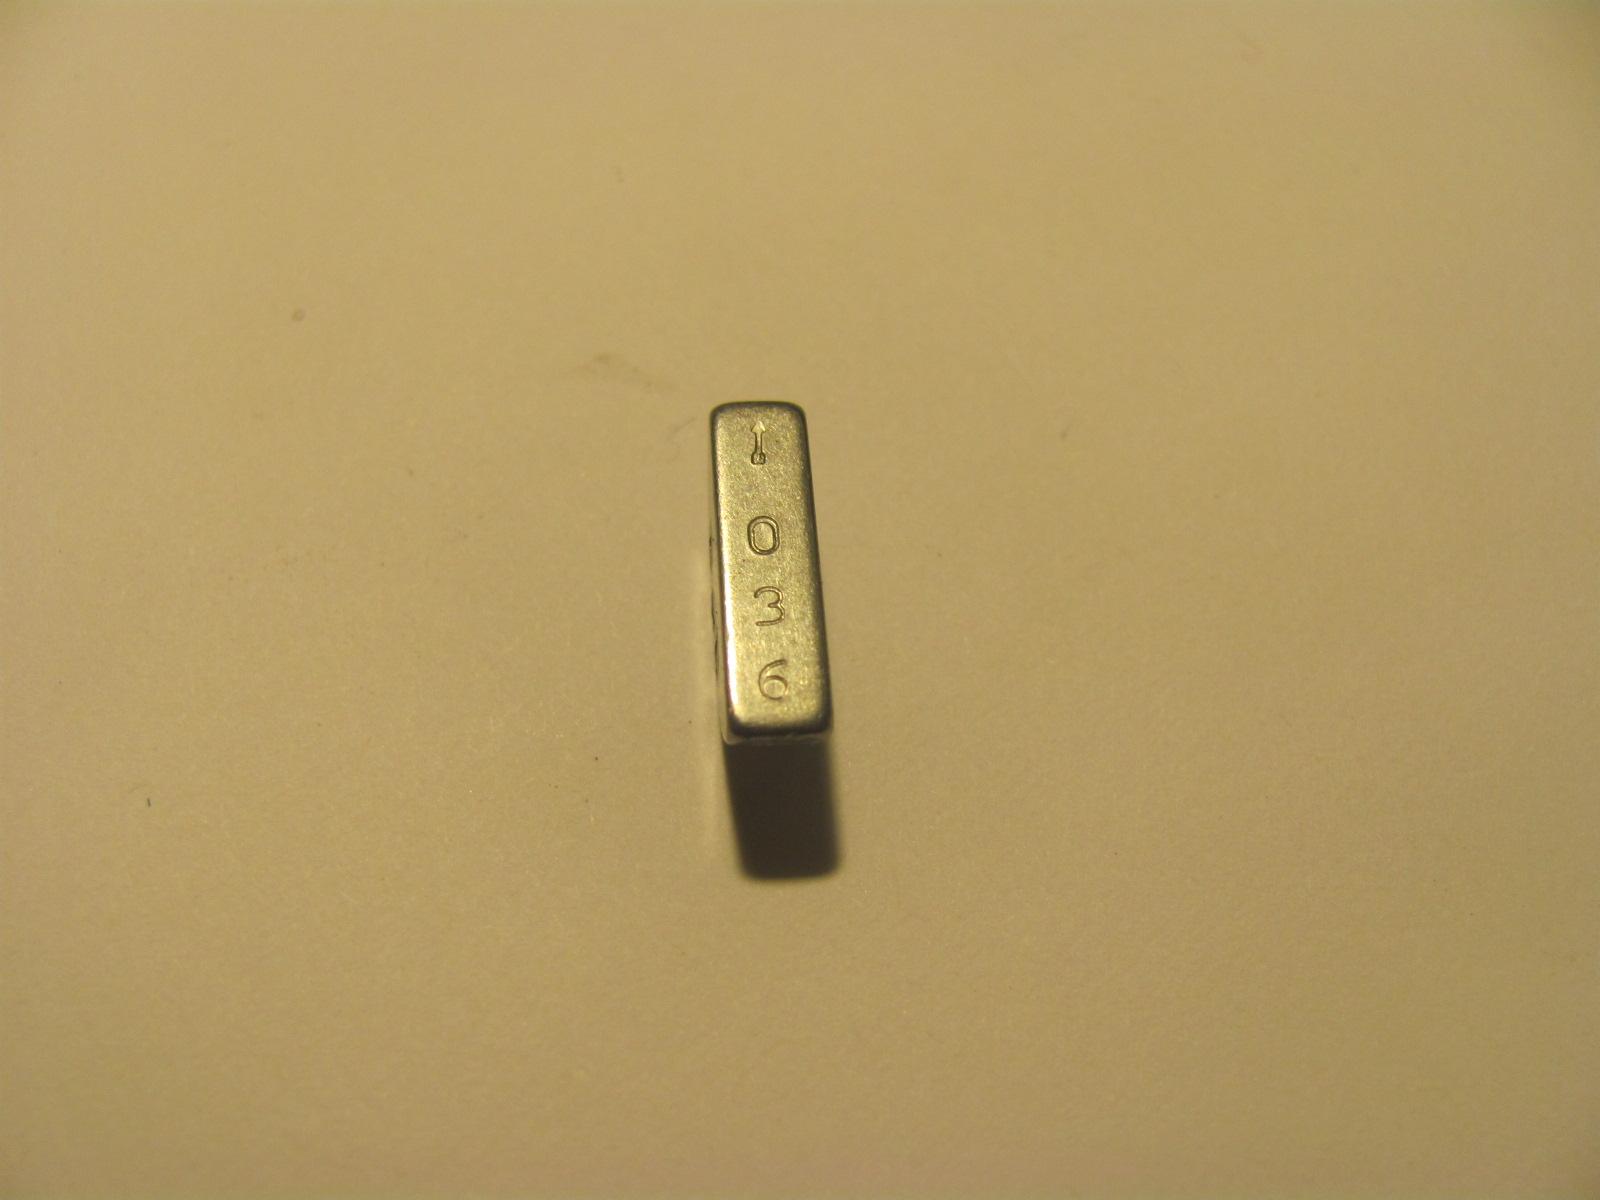 vp44 woodruff key identification